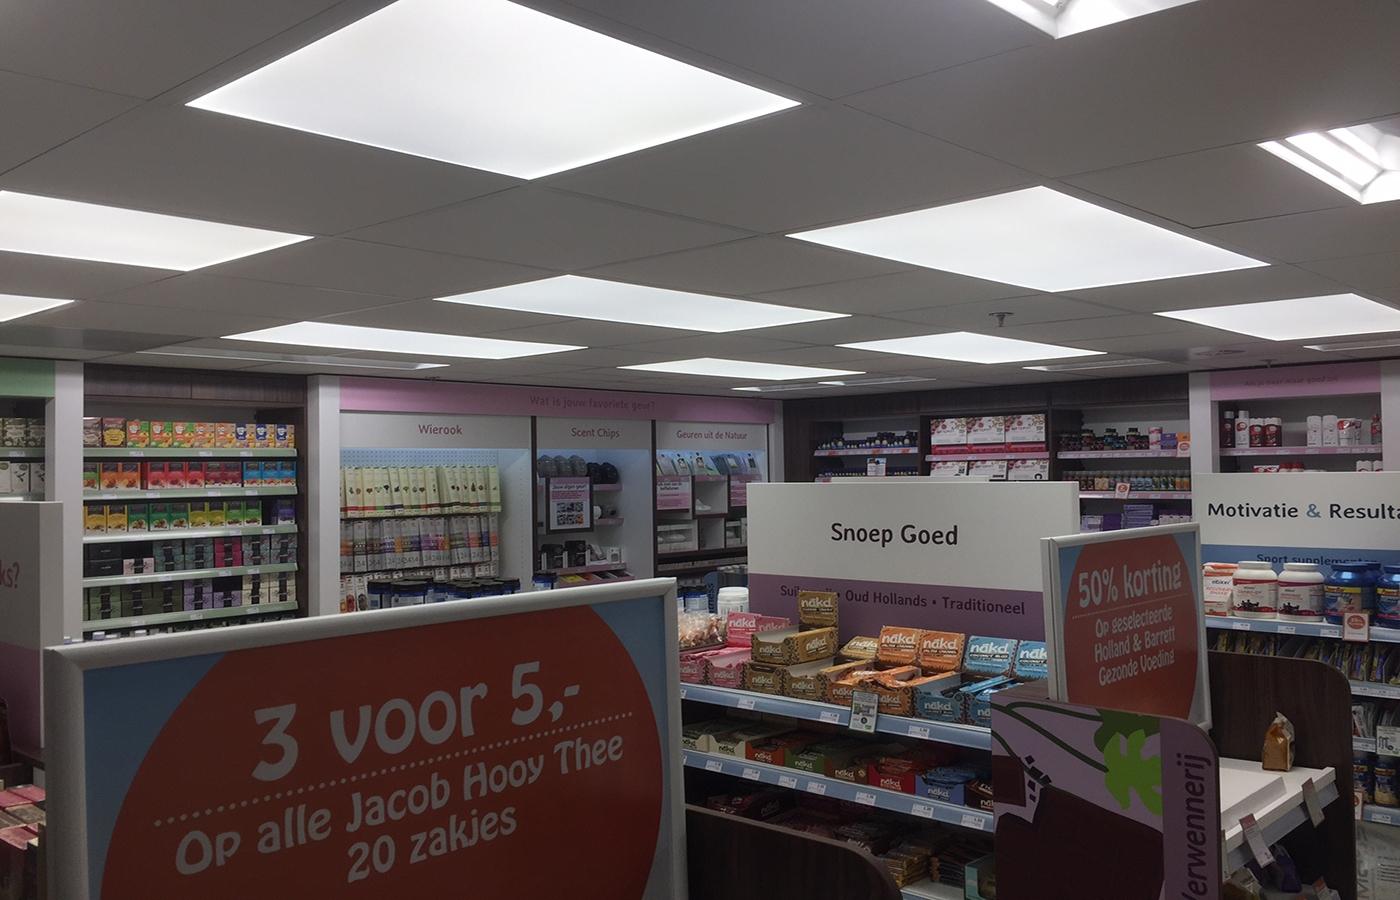 LEDSign project: Holland&Barrett